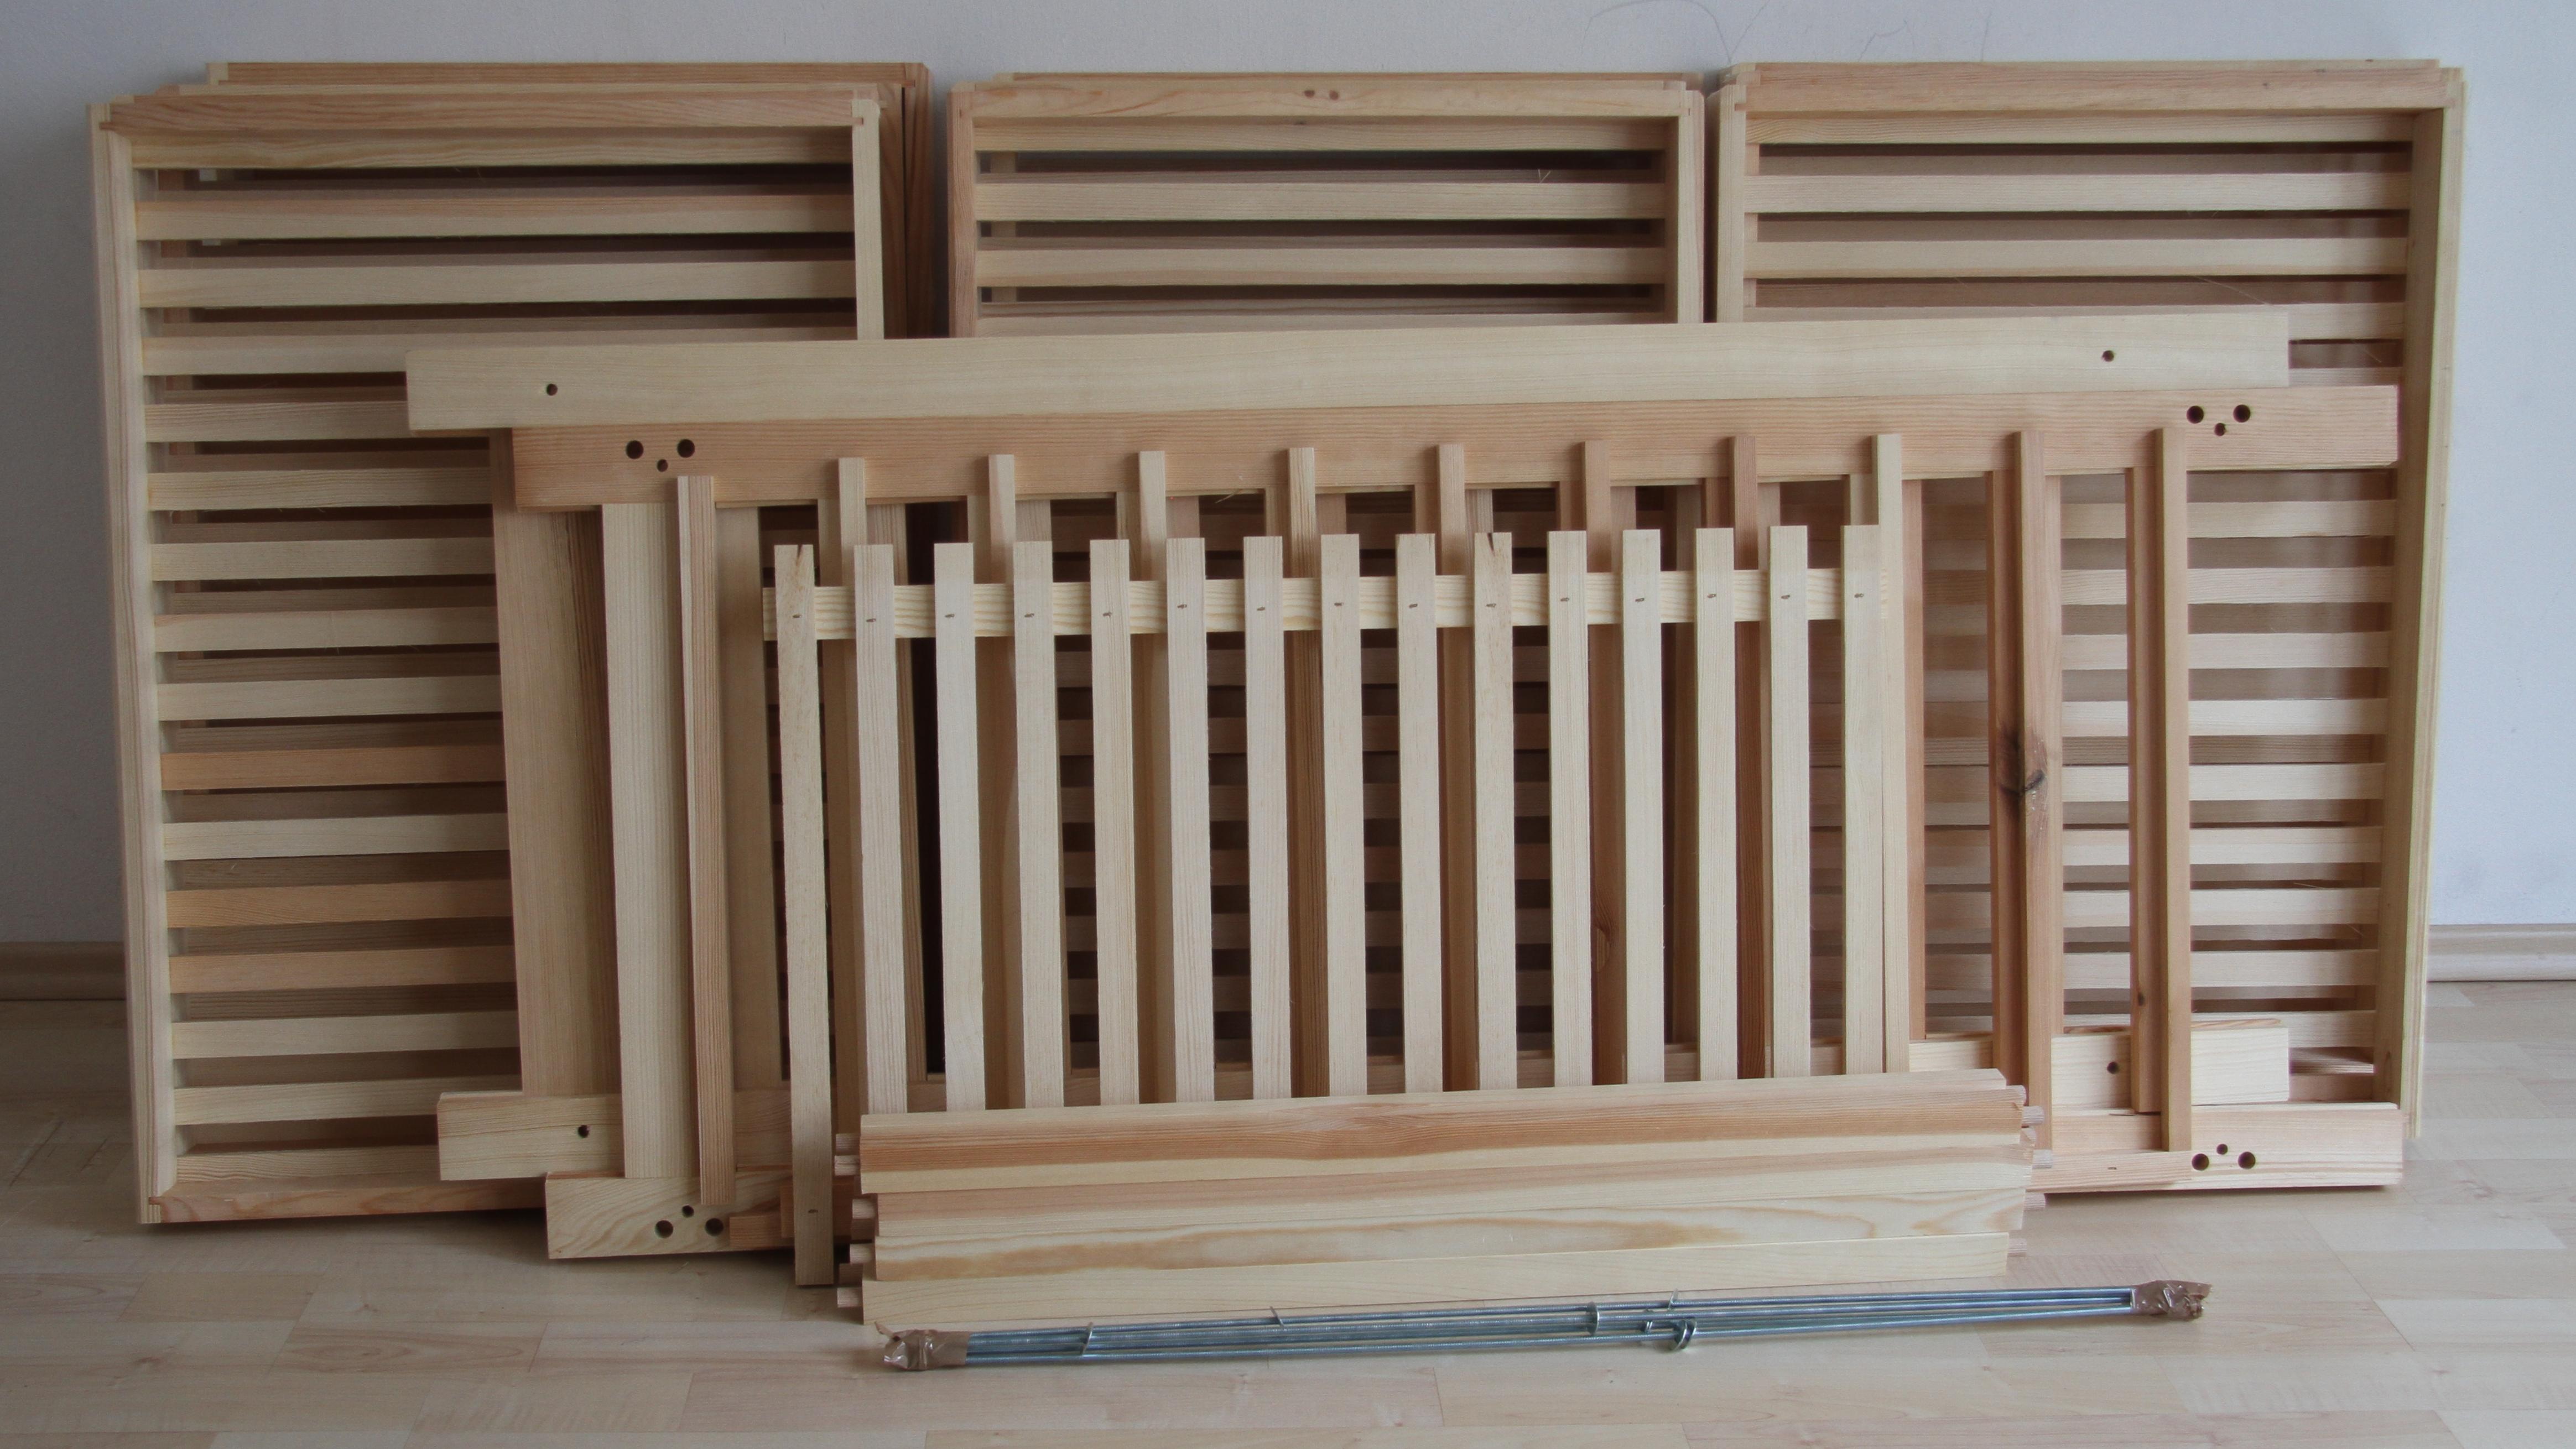 obst richtig lagern. Black Bedroom Furniture Sets. Home Design Ideas